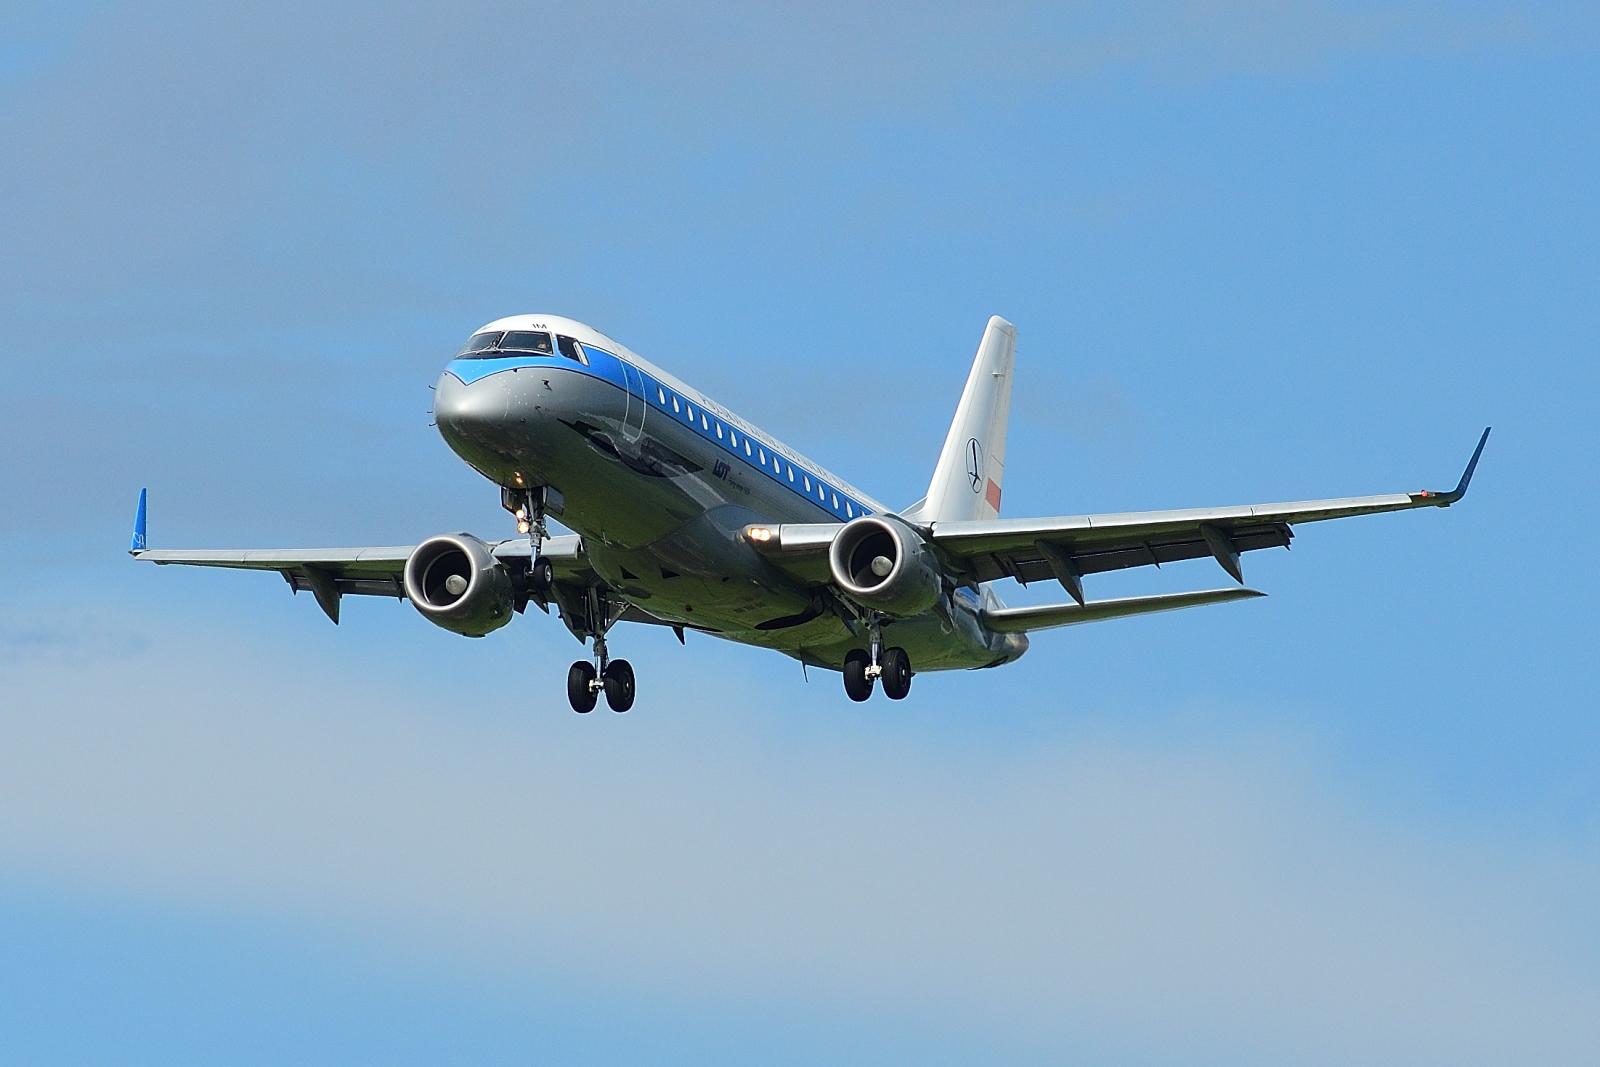 Embraer E175, SP-LIM